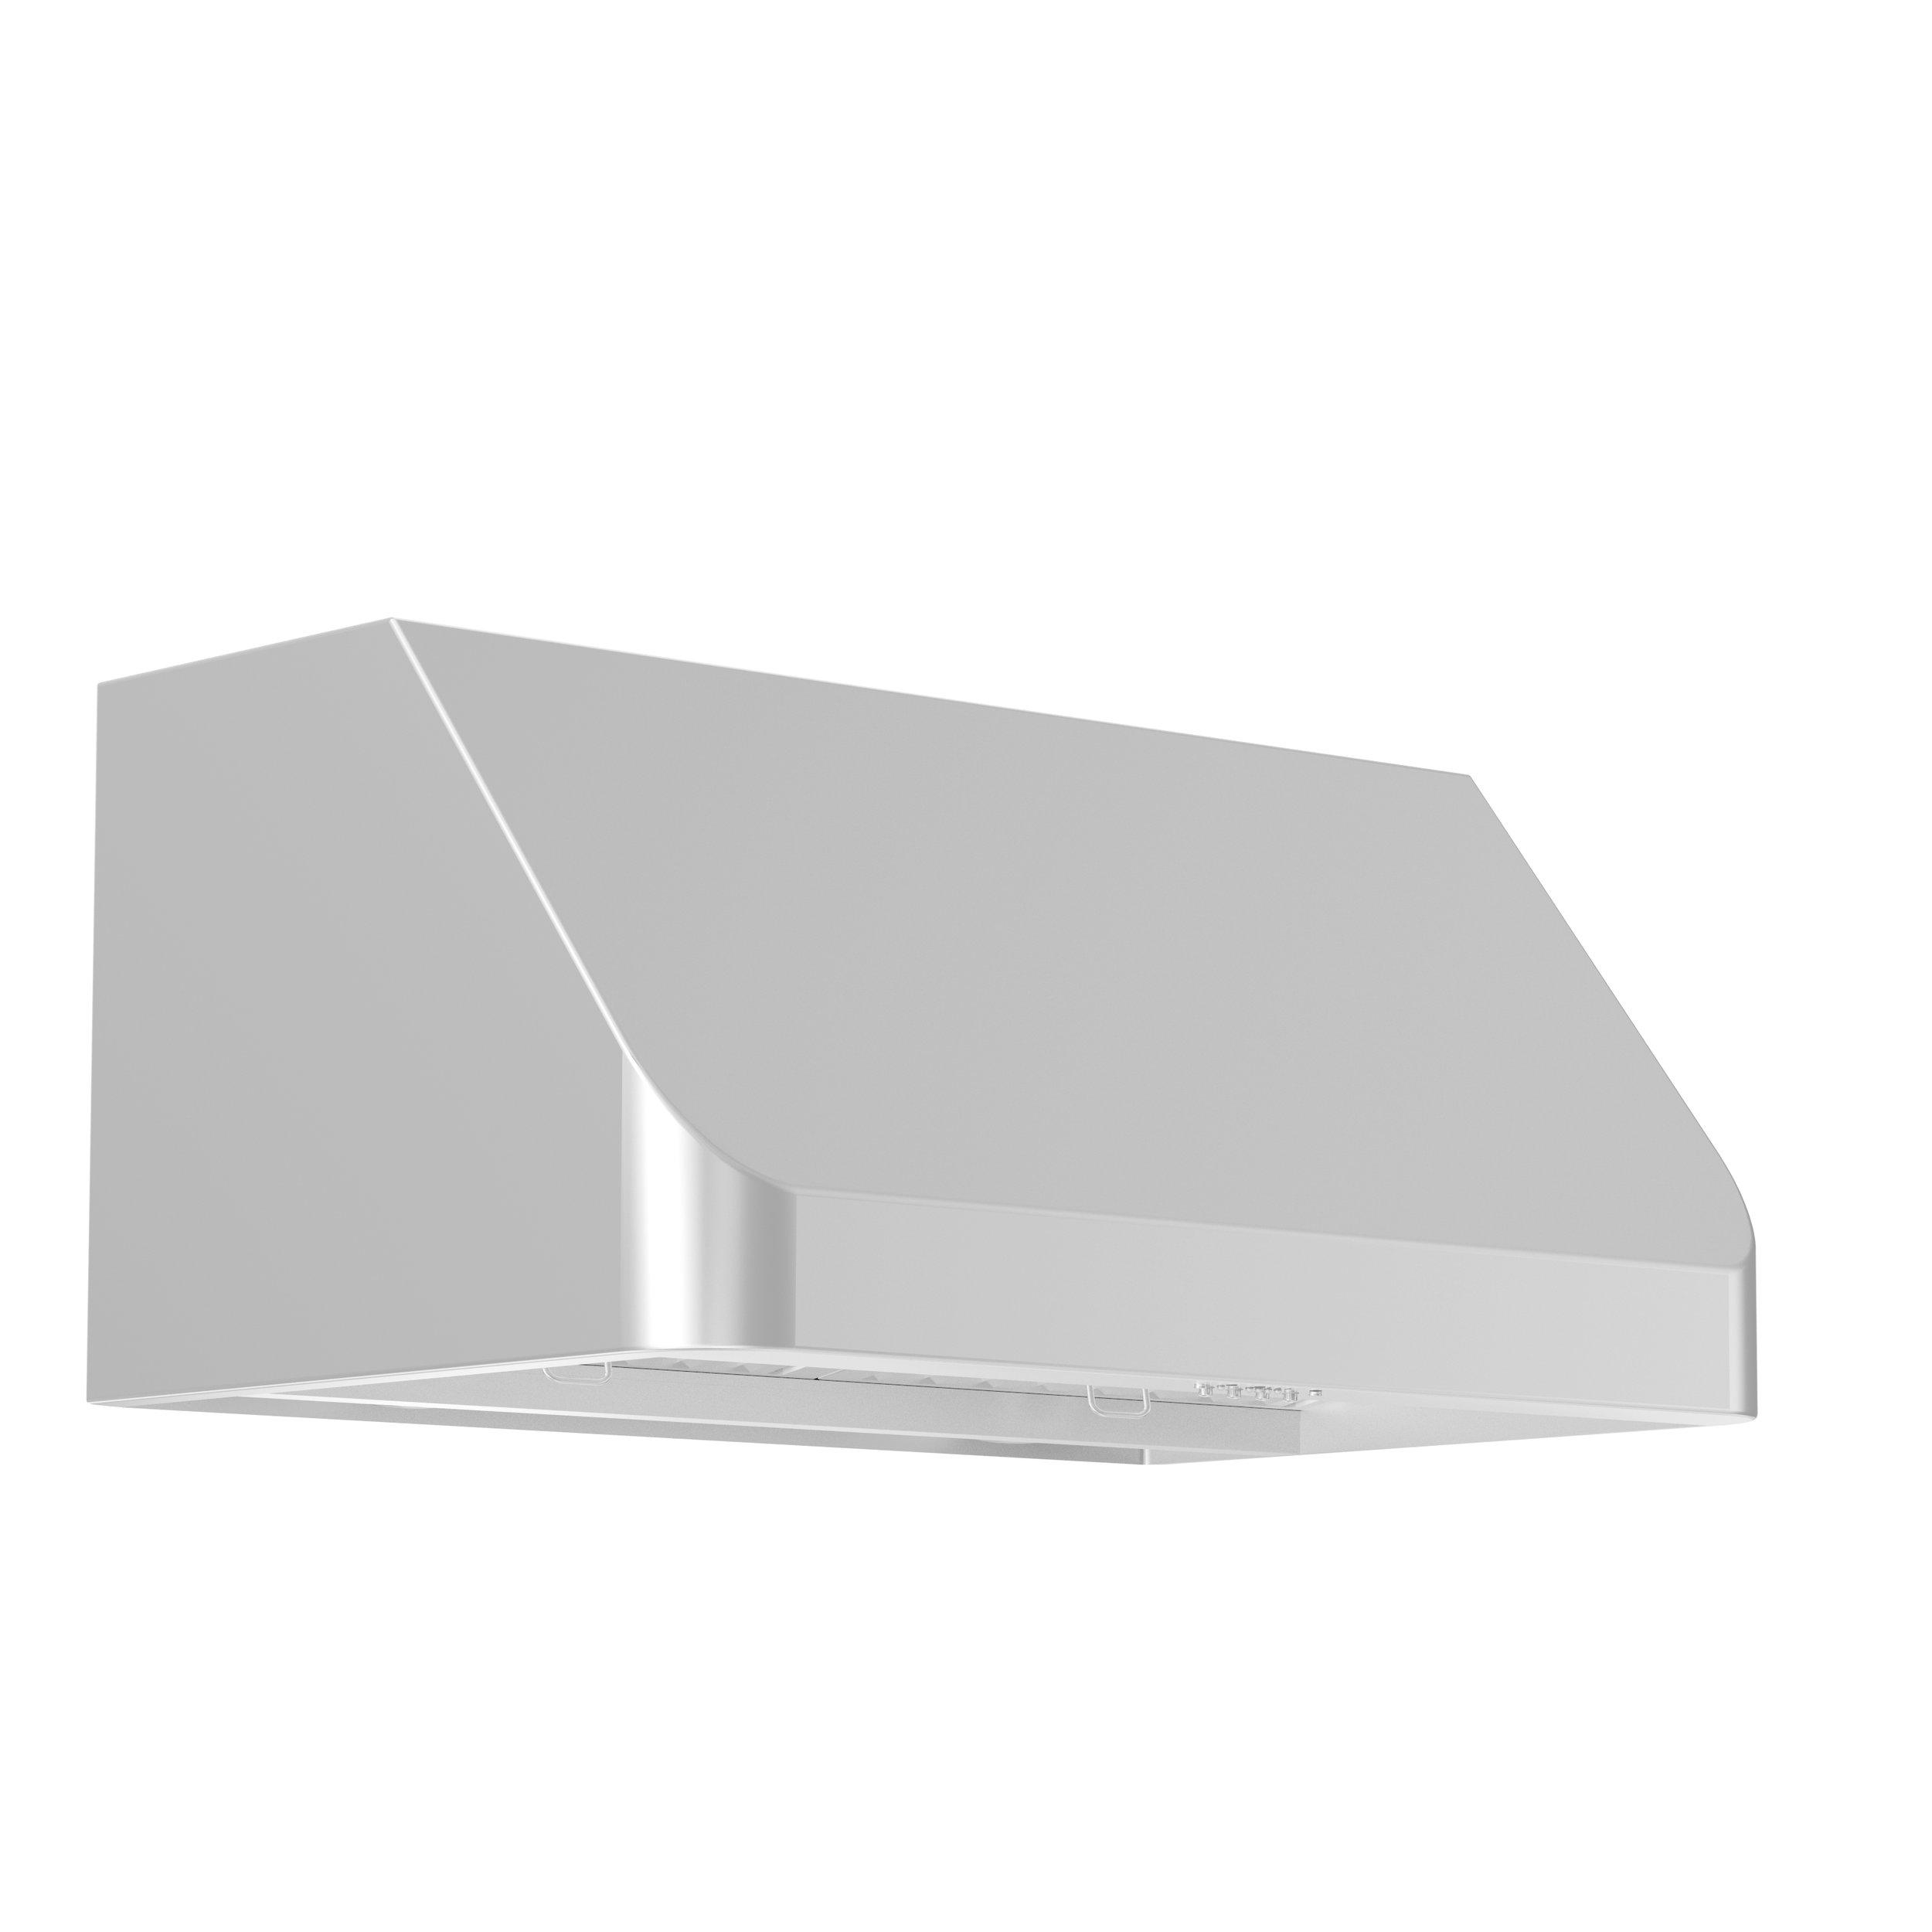 zline-stainless-steel-under-cabinet-range-hood-520-main.jpeg